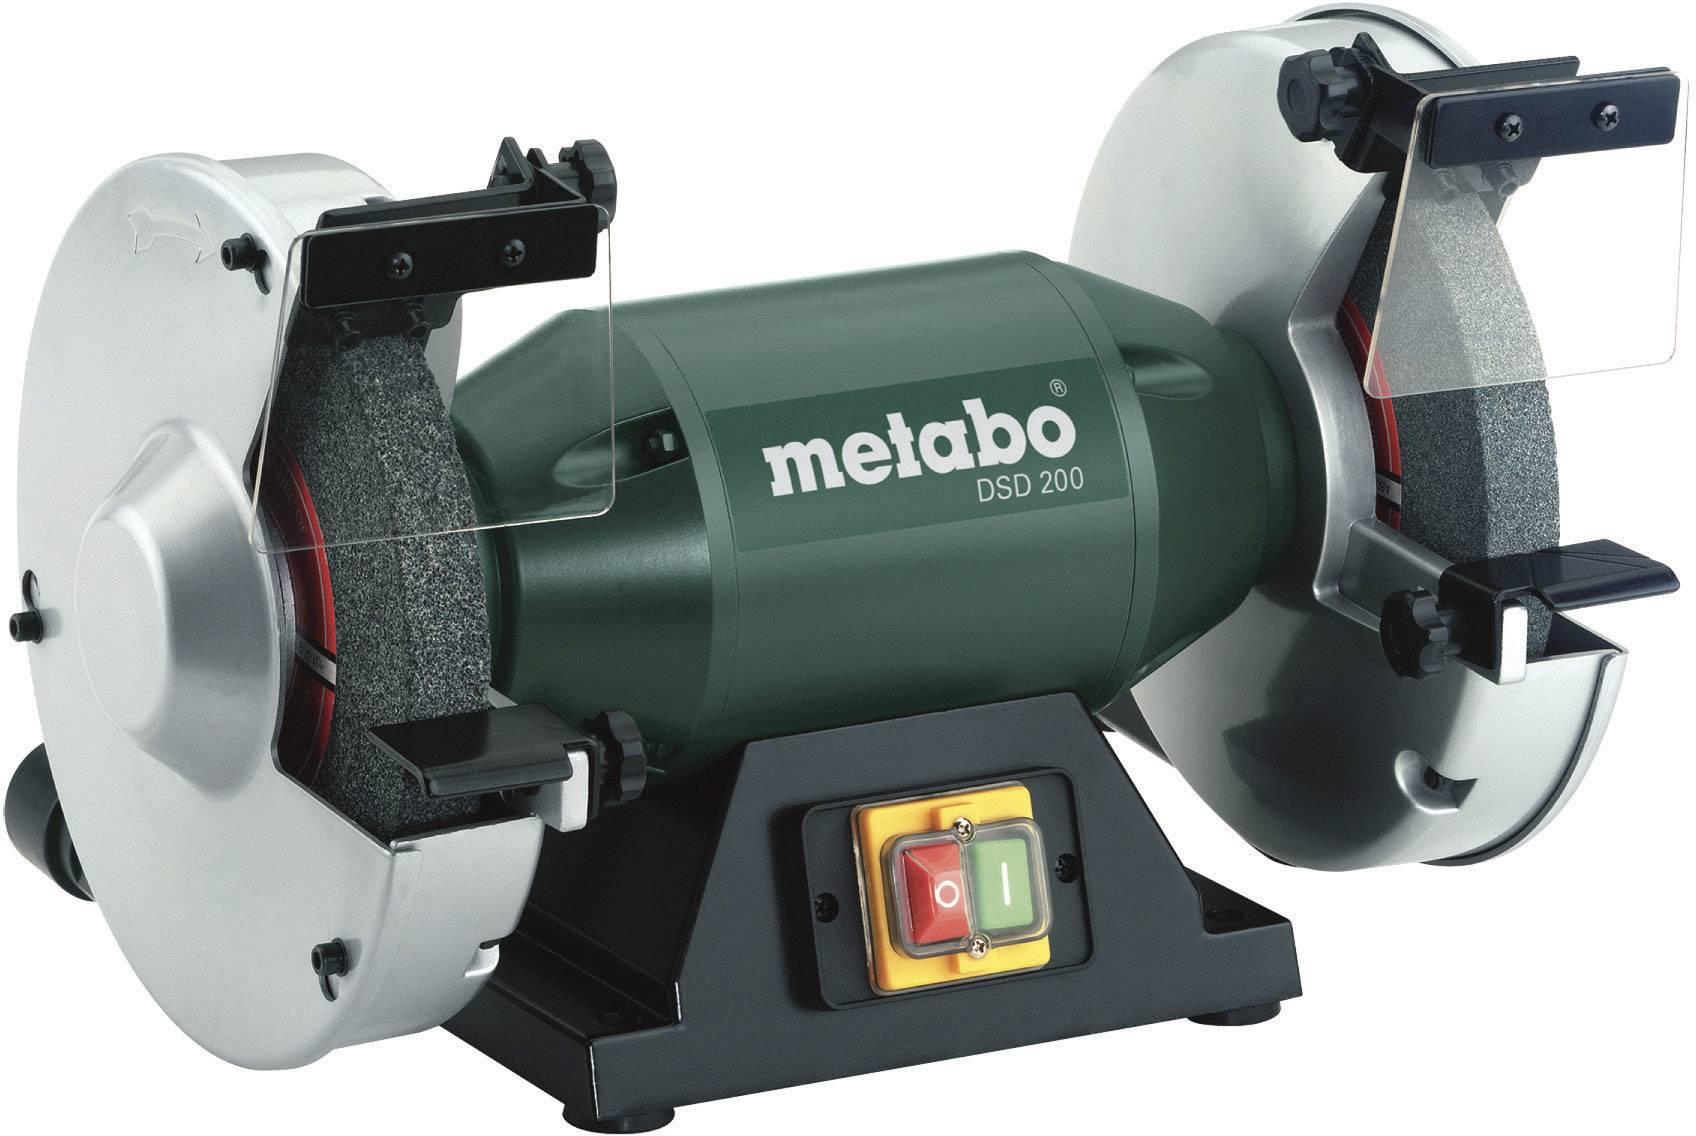 Dvojkotúčová stolová brúska Metabo DSD 200 619201000, 750 W